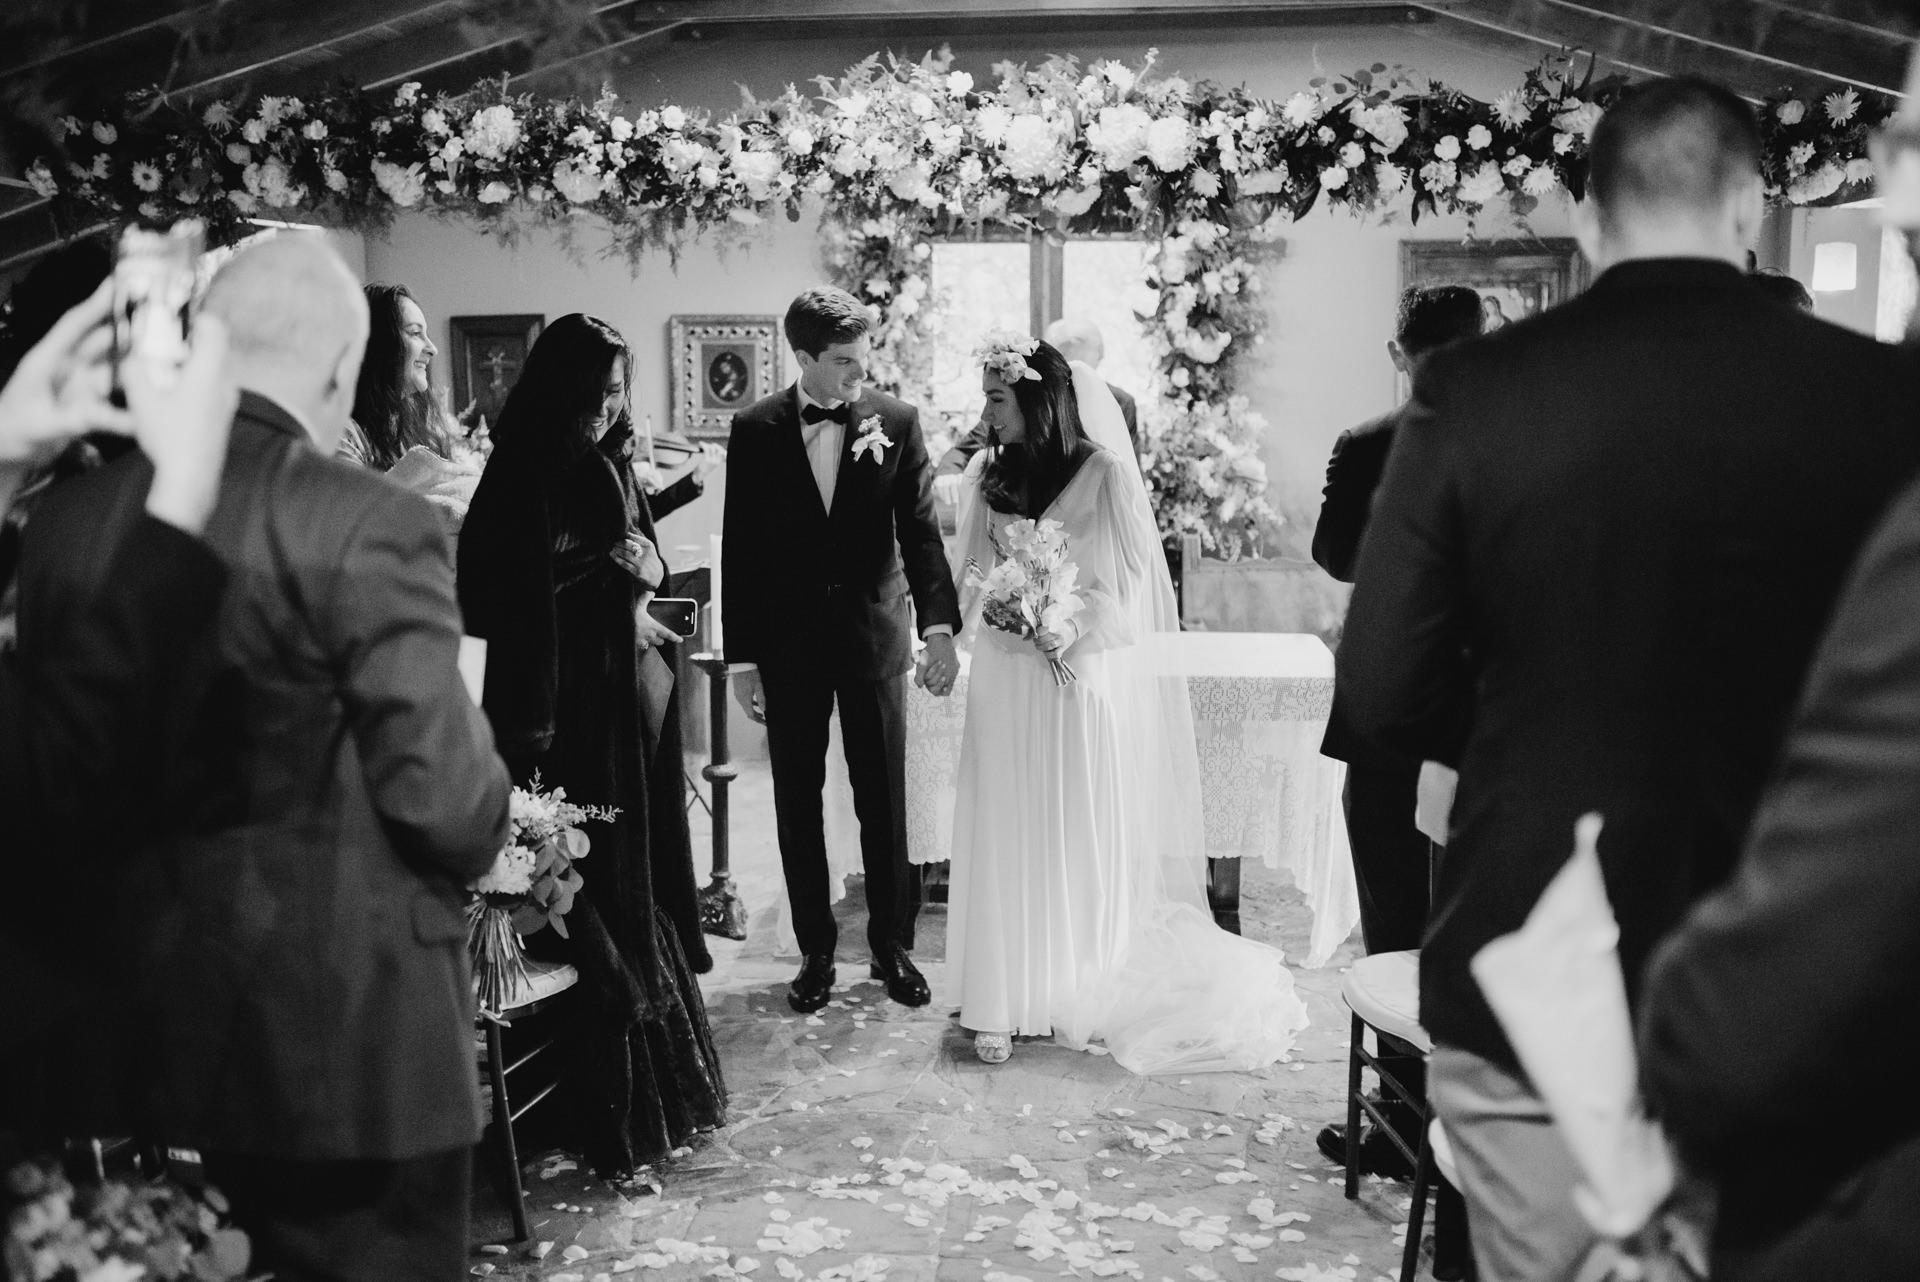 wedding exit ceremony